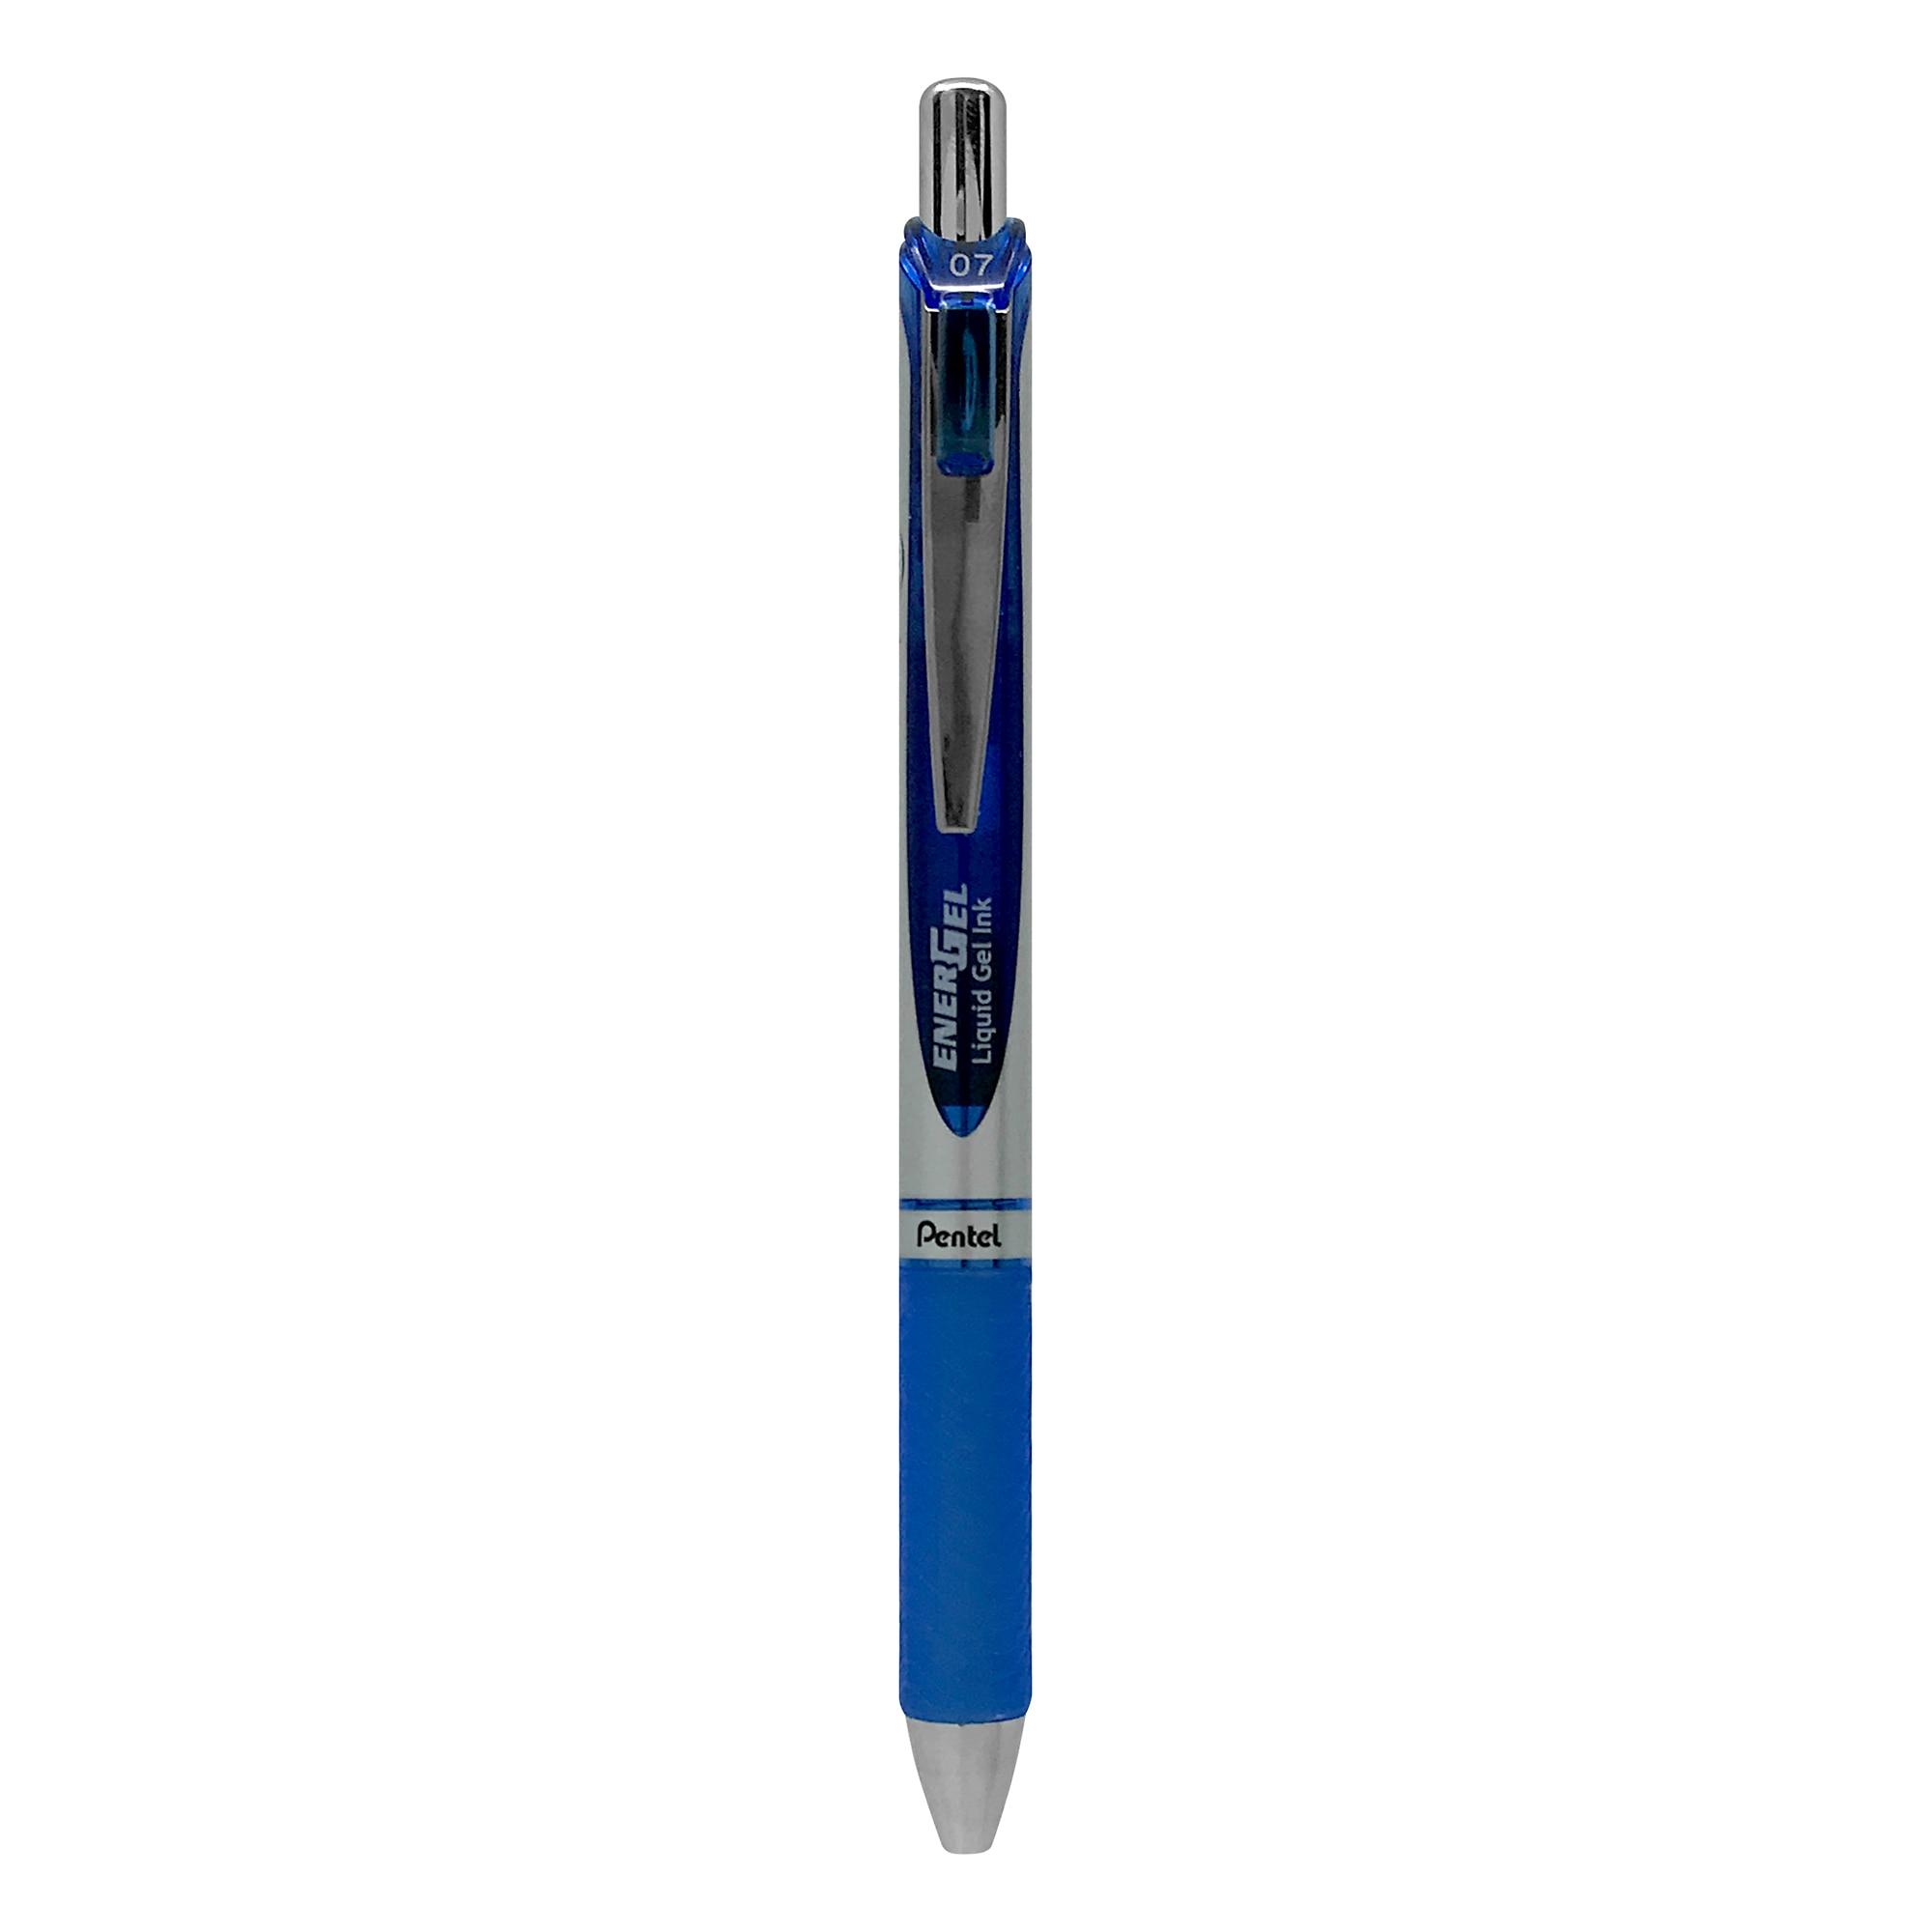 Energel RTX 7mm Med Blue